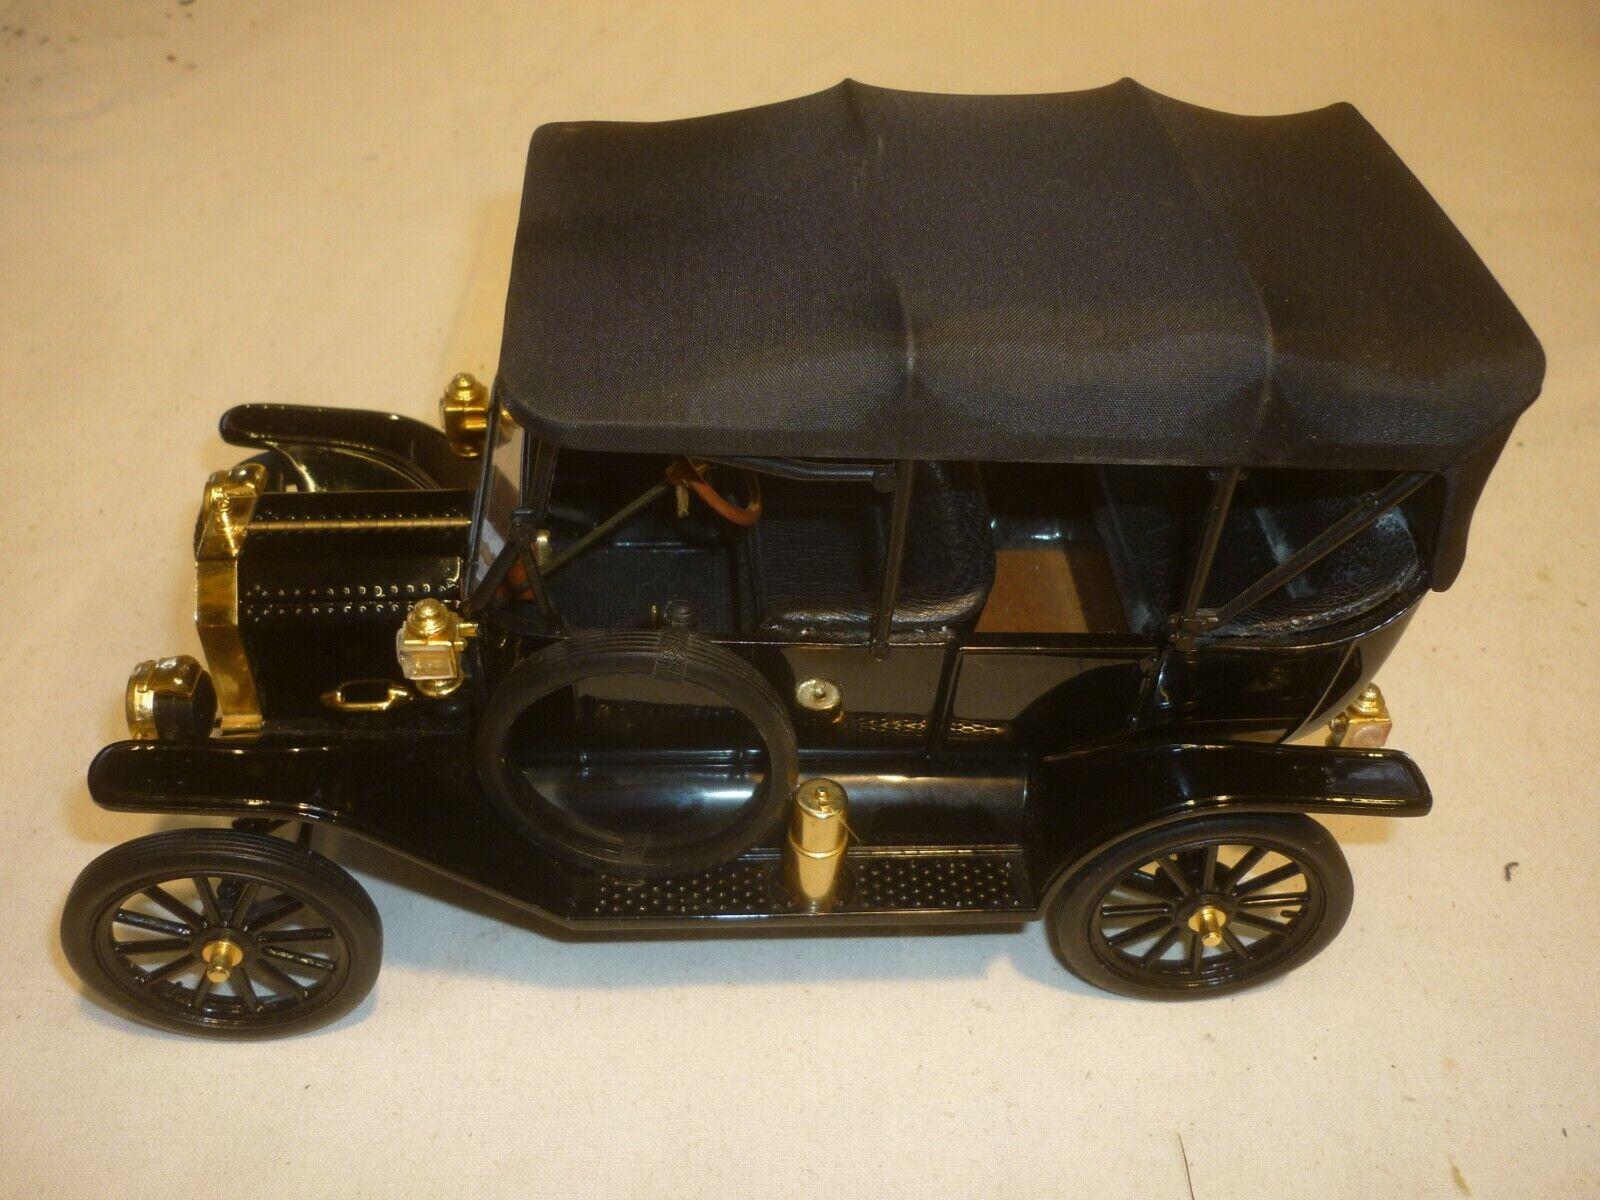 Un coche modelo escala Franklin Mint de un Ford modelo T de 1913 Touring Coche, Sin Caja